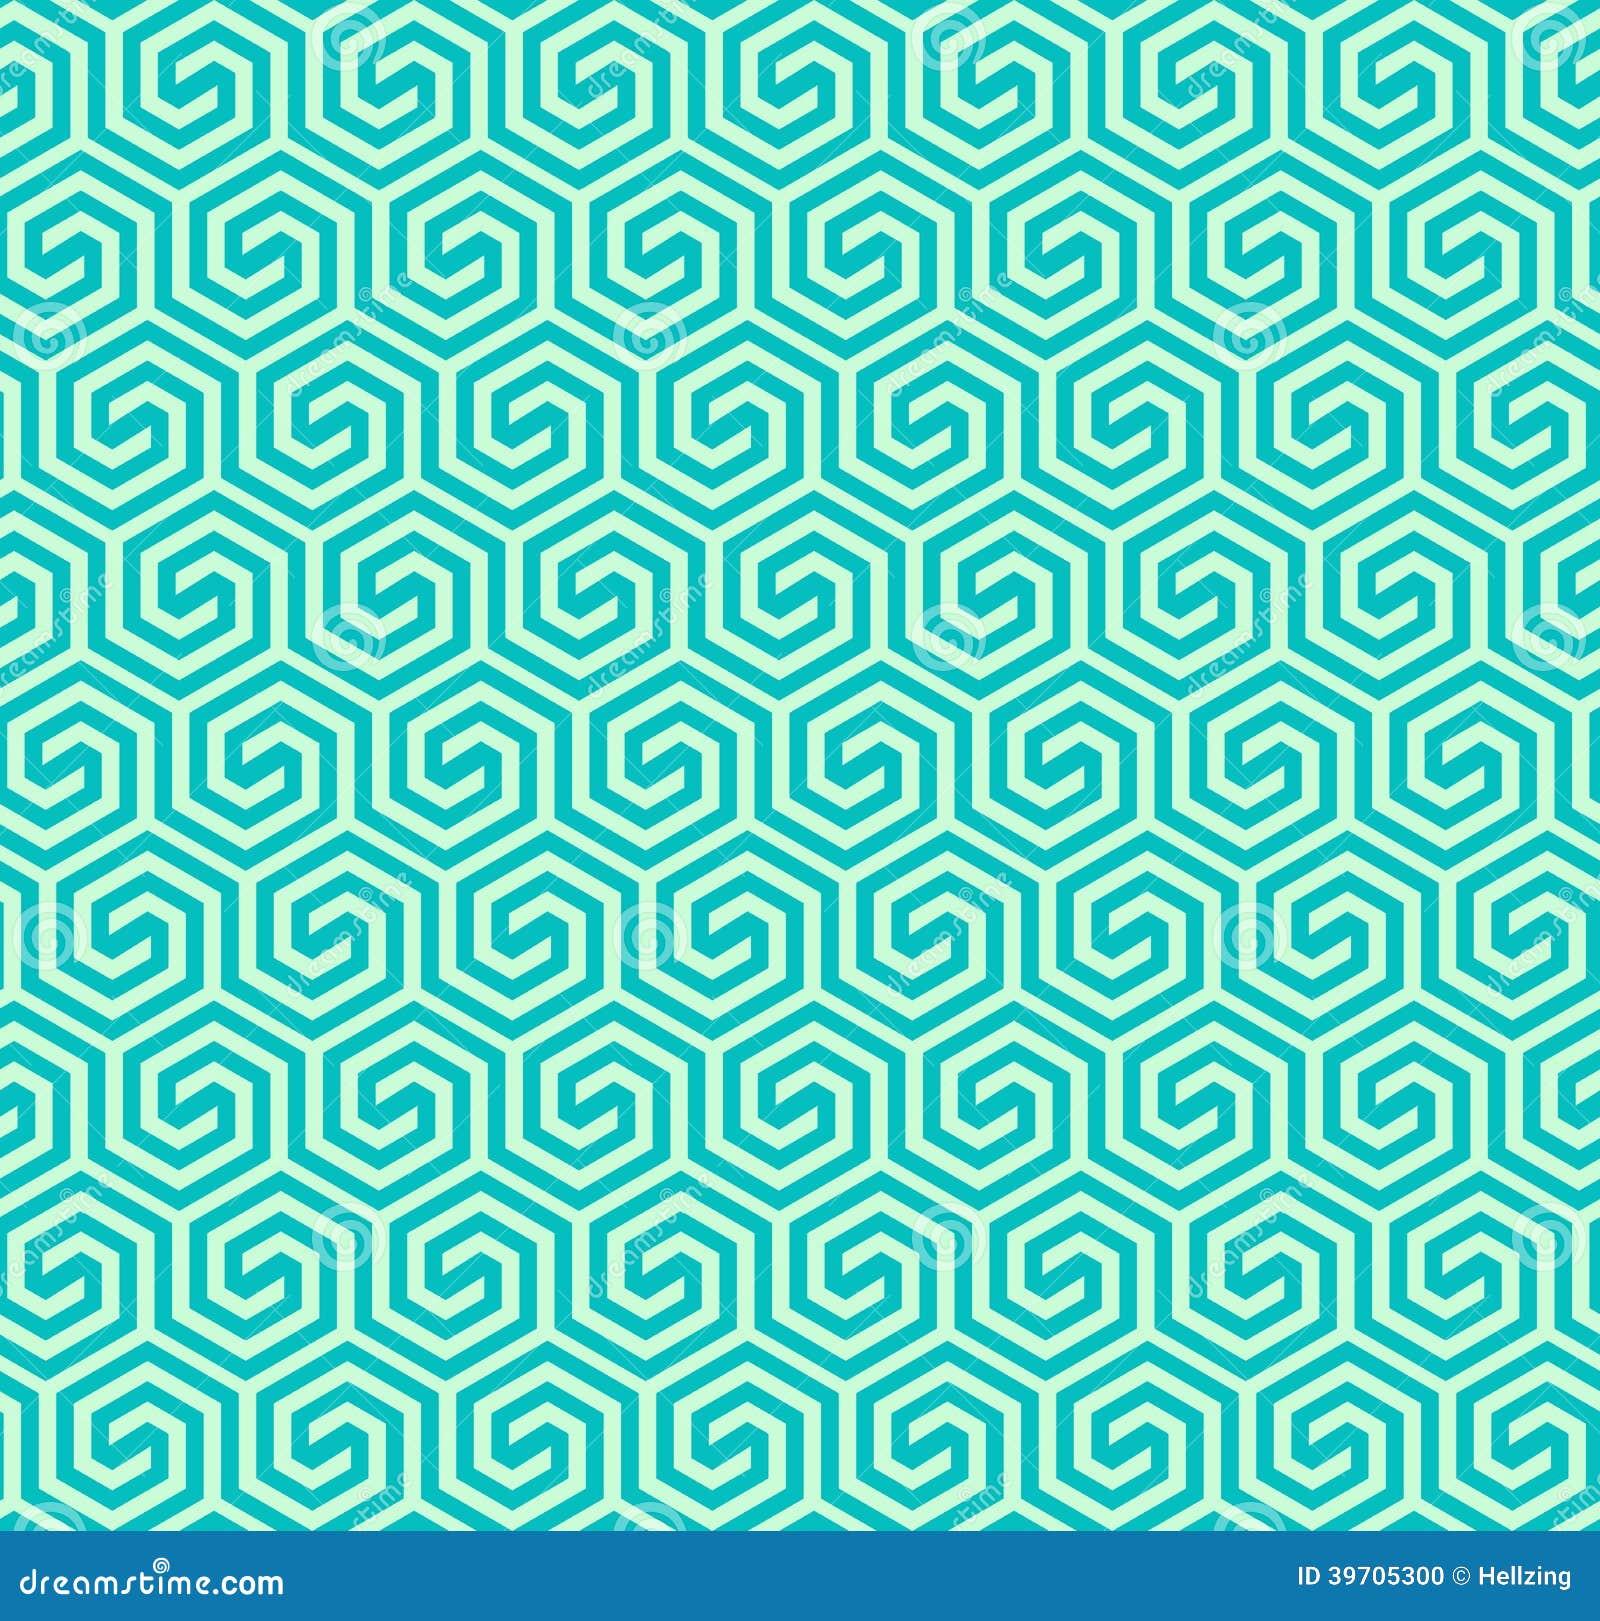 Bezszwowy abstrakcjonistyczny geometryczny heksagonalny wzór - wektor eps8